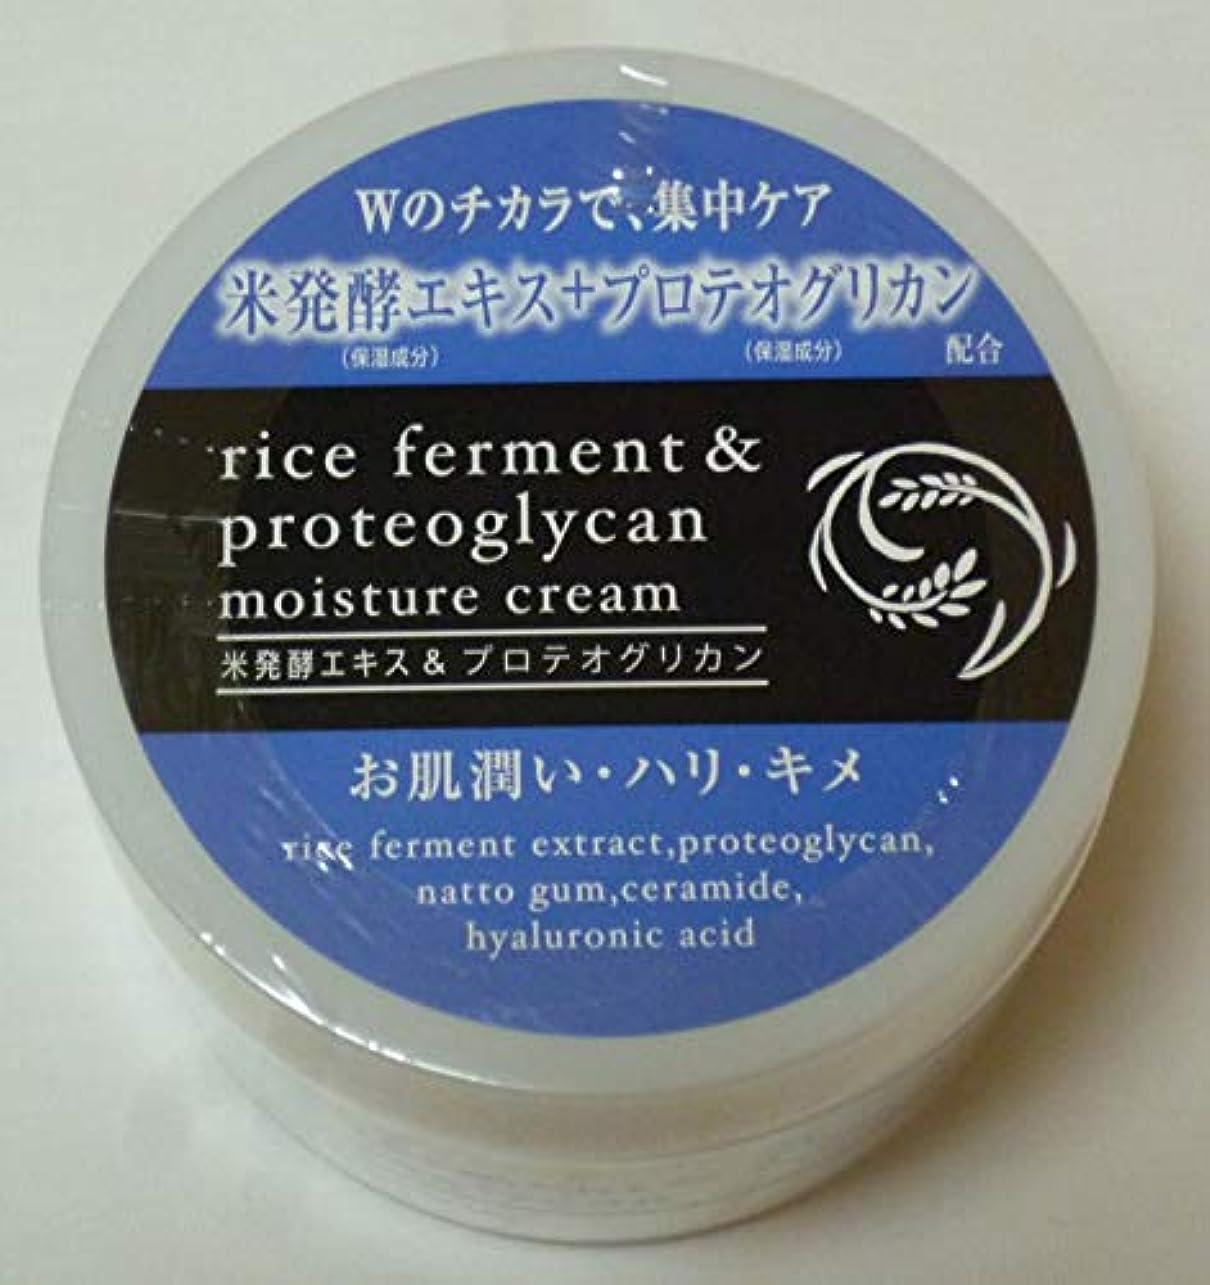 キャロライン相対サイズ三コスメプロ モイスチャークリーム 米発酵エキス&プロテオグリカン 200g